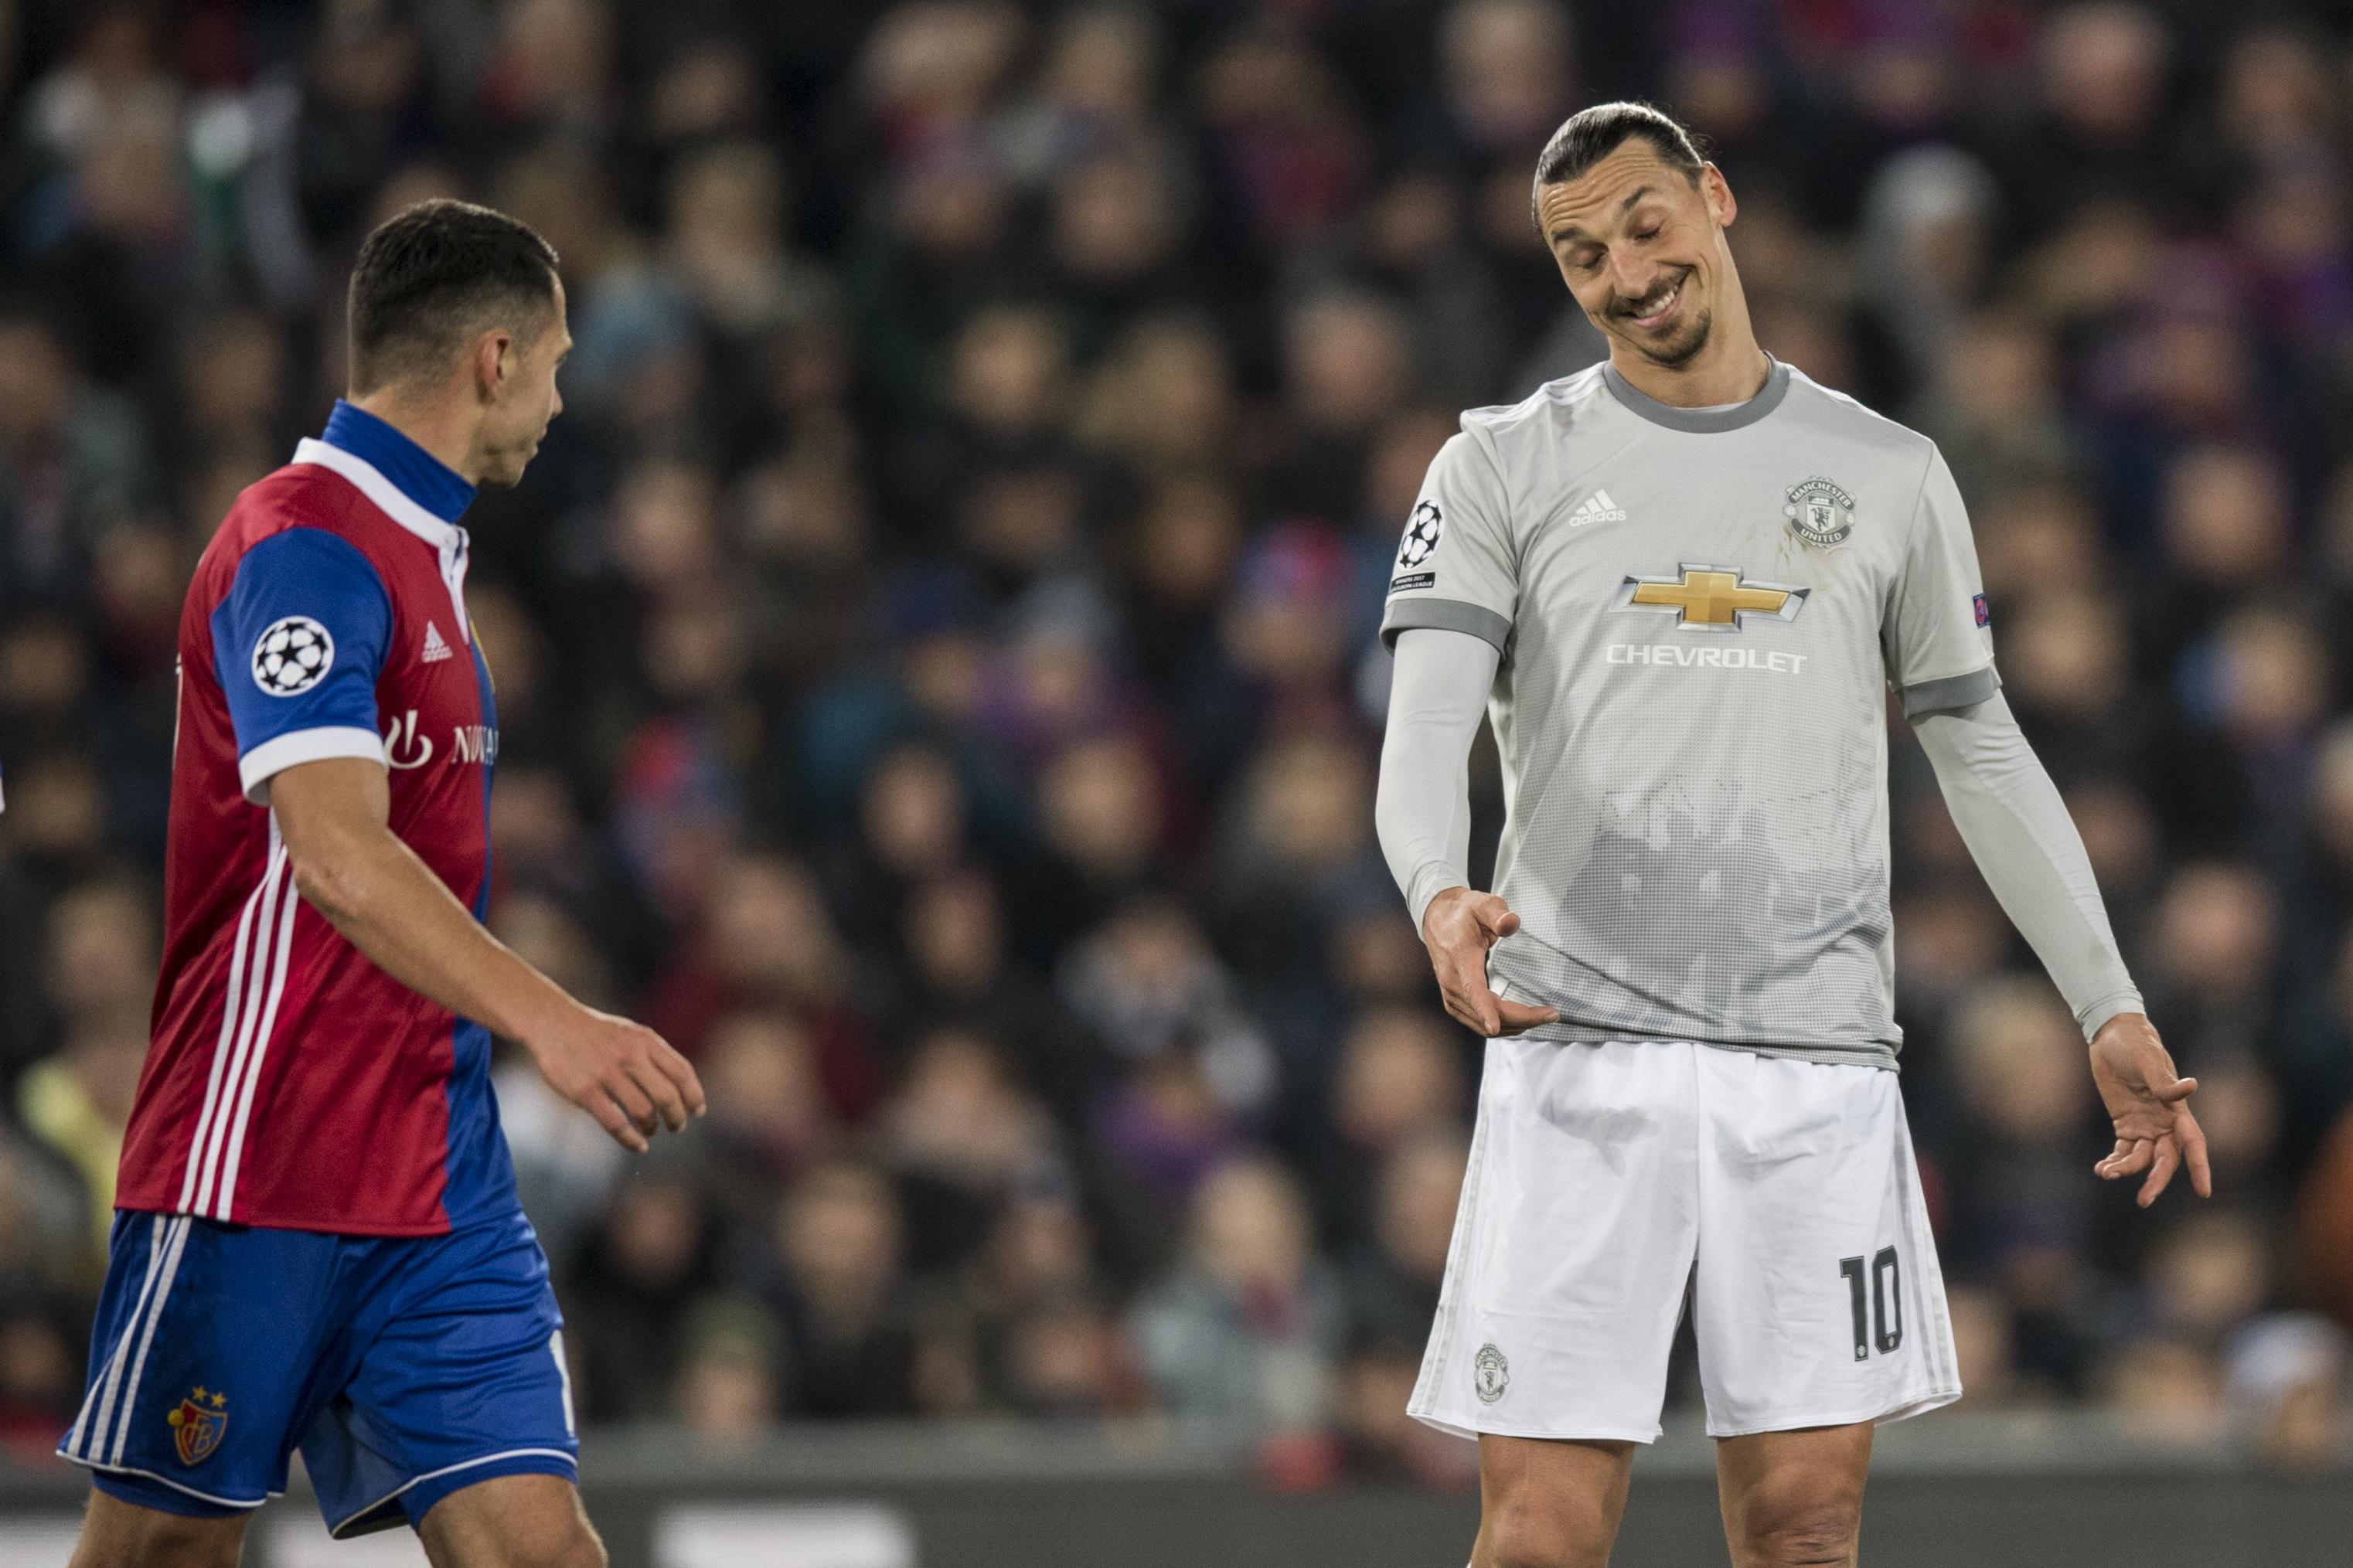 Eșecul din Elveția nu l-a întristat pe Zlatan Ibrahimovic (dreapta). (FOTO: EPA)